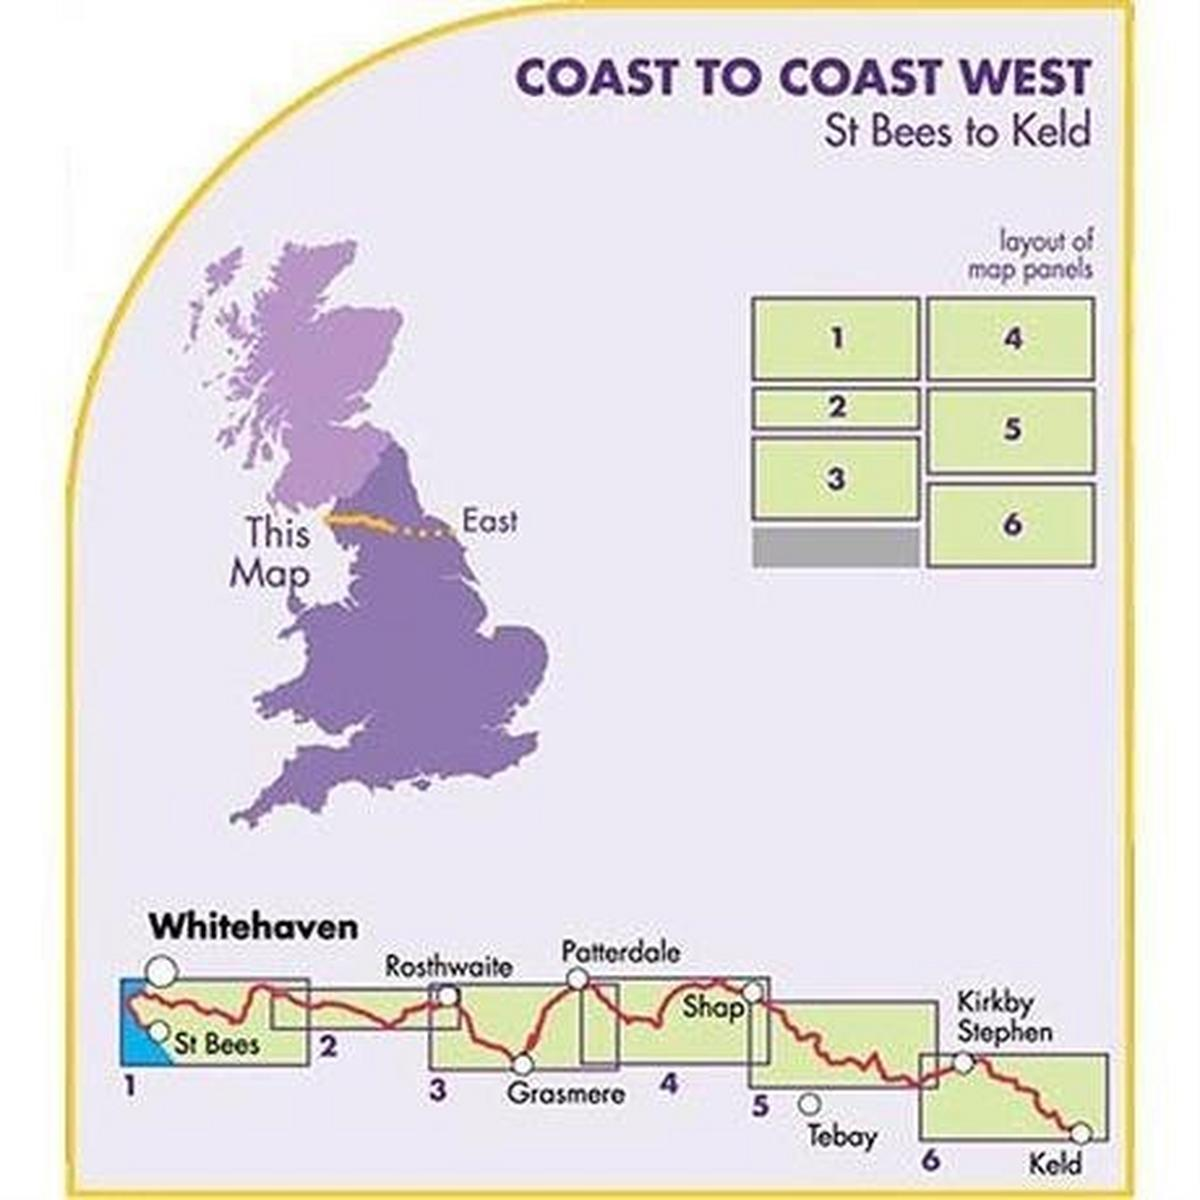 Harveys Harvey Map - XT40: Coast to Coast - West (St Bees to Keld)